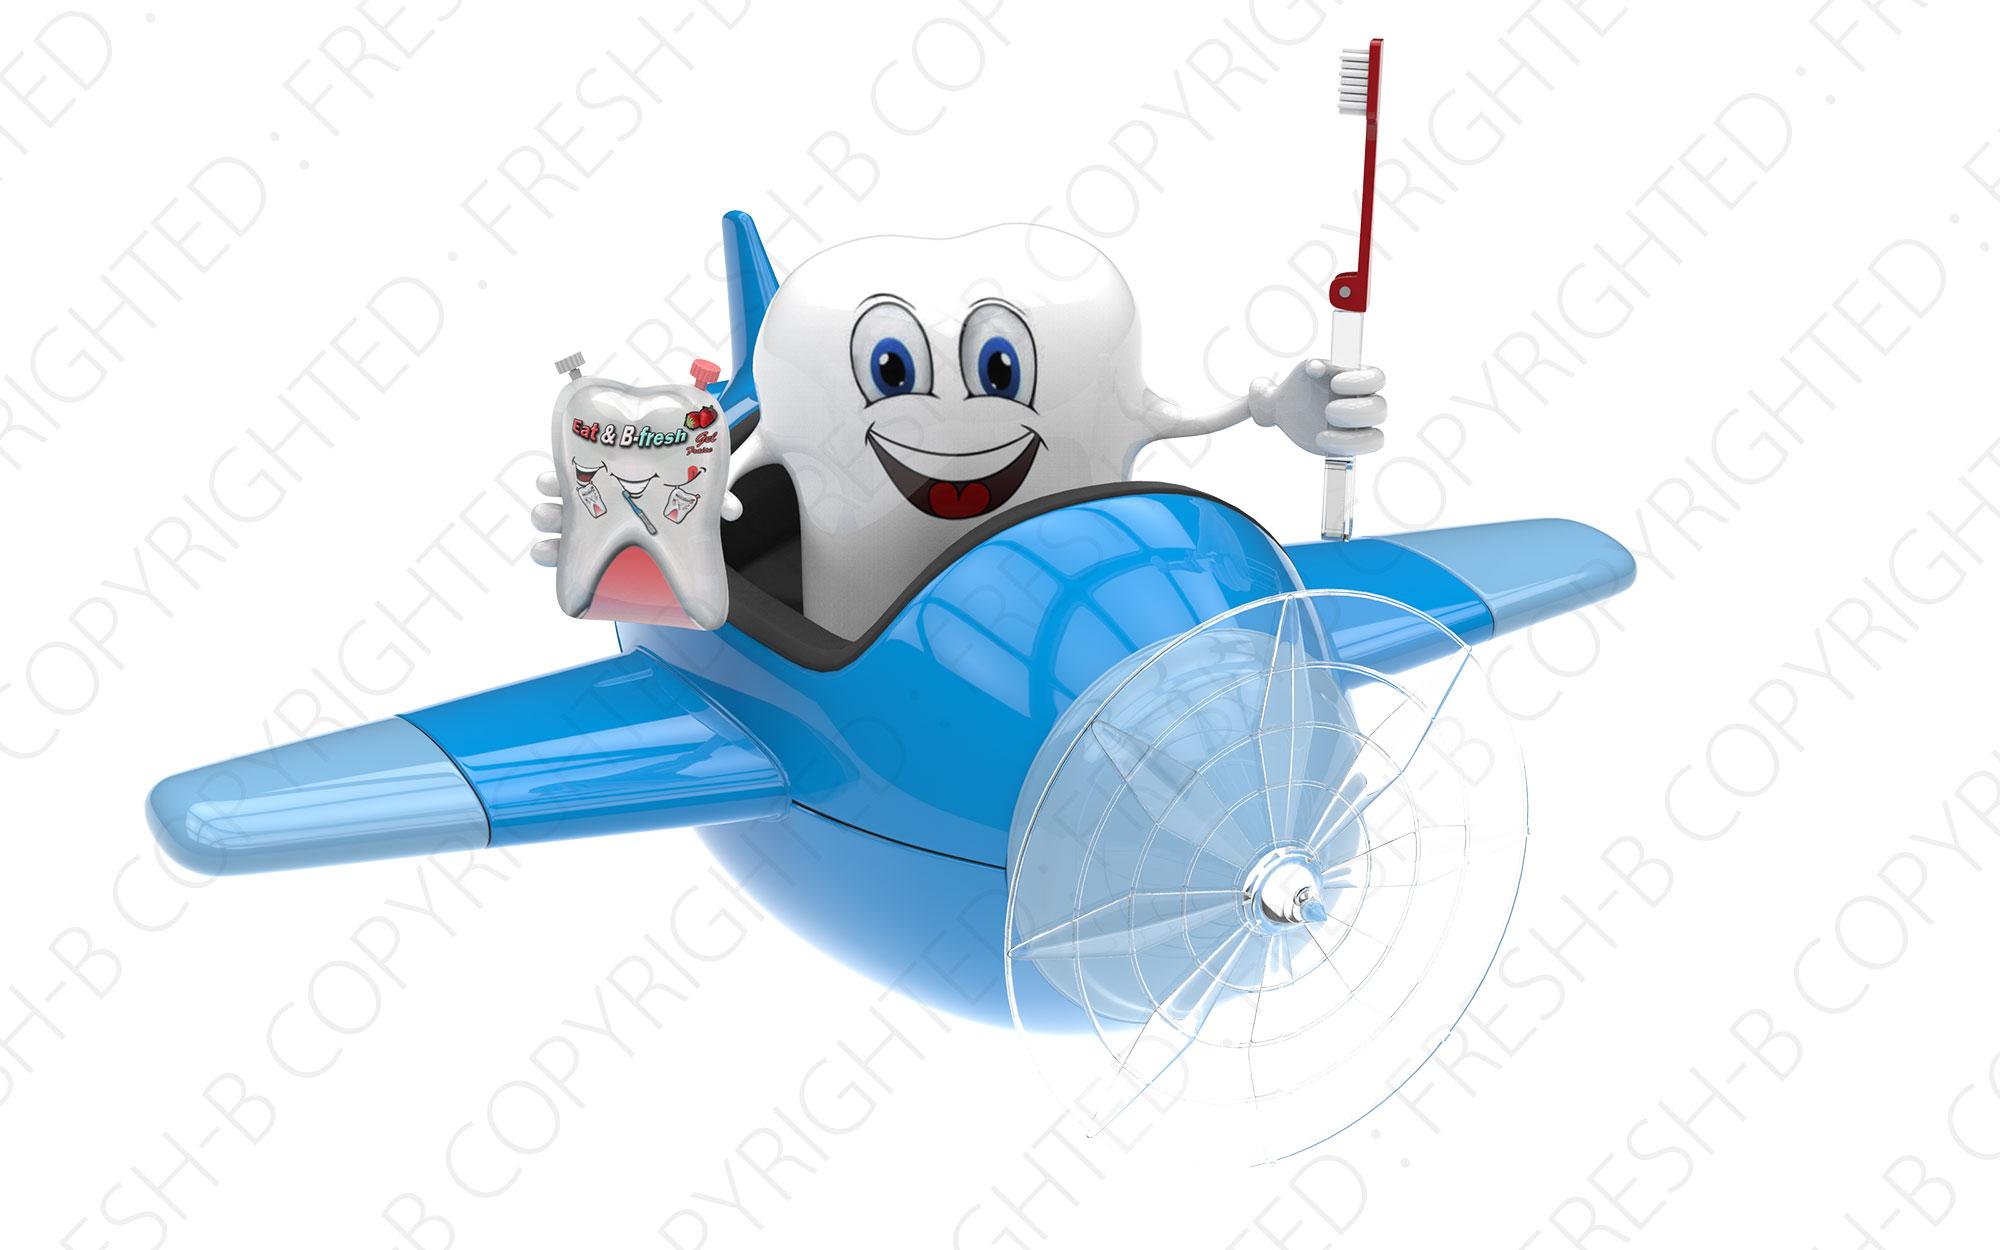 3D-teeth-in-aeroplane